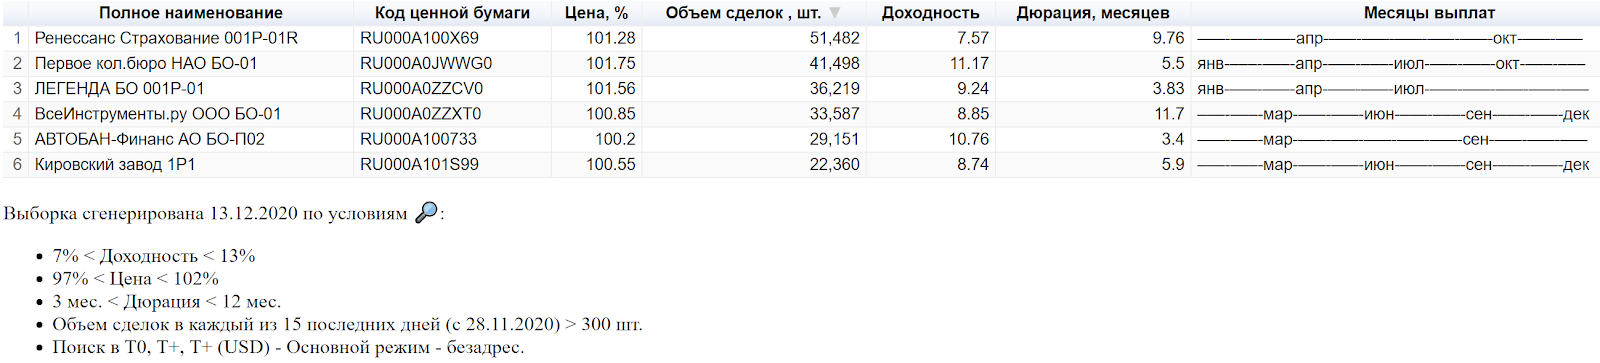 Результат работы скрипта в виде html файла